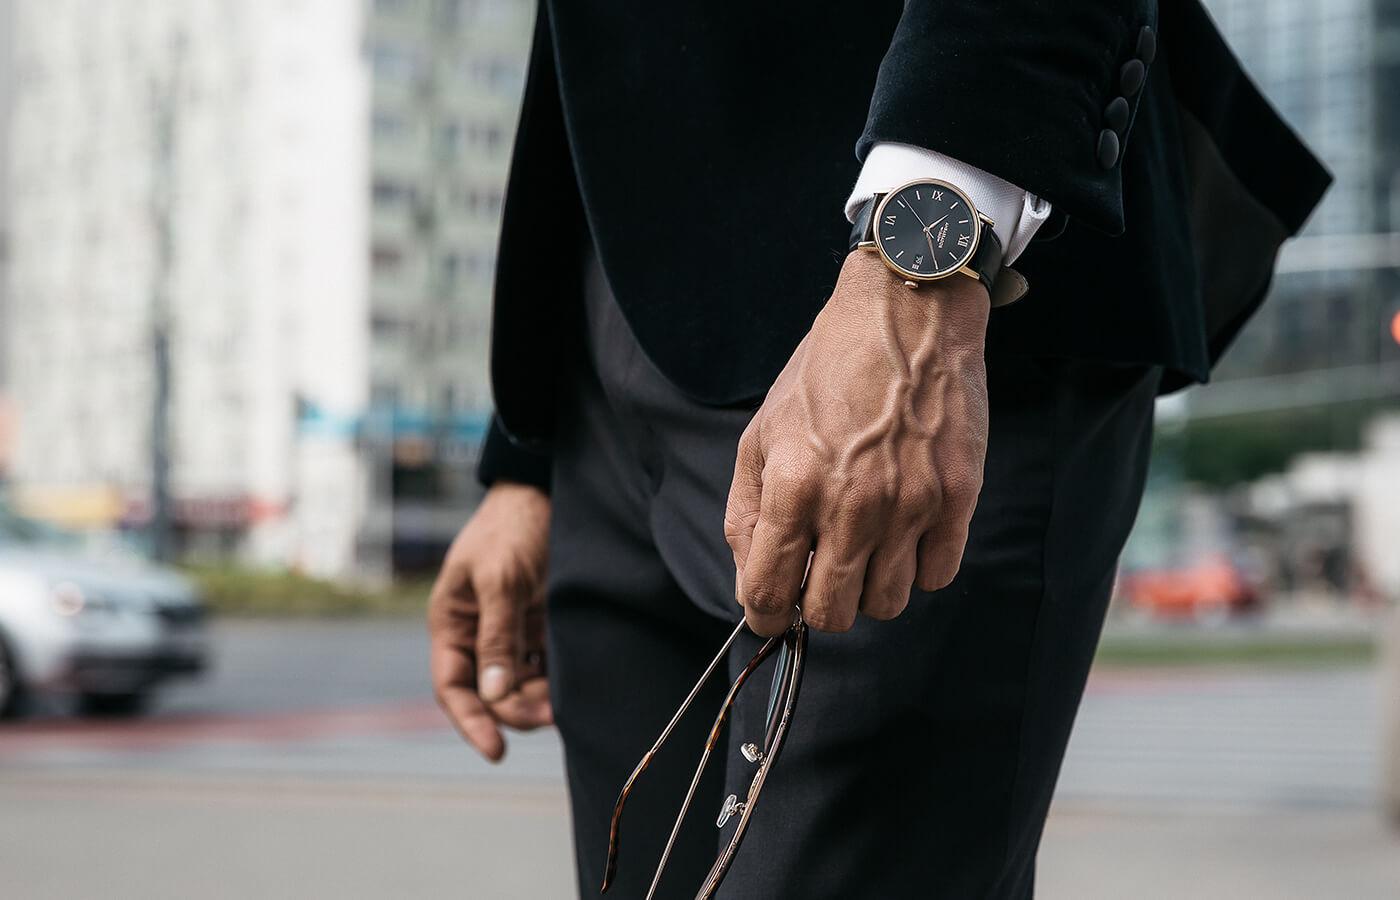 man holding watch under $200